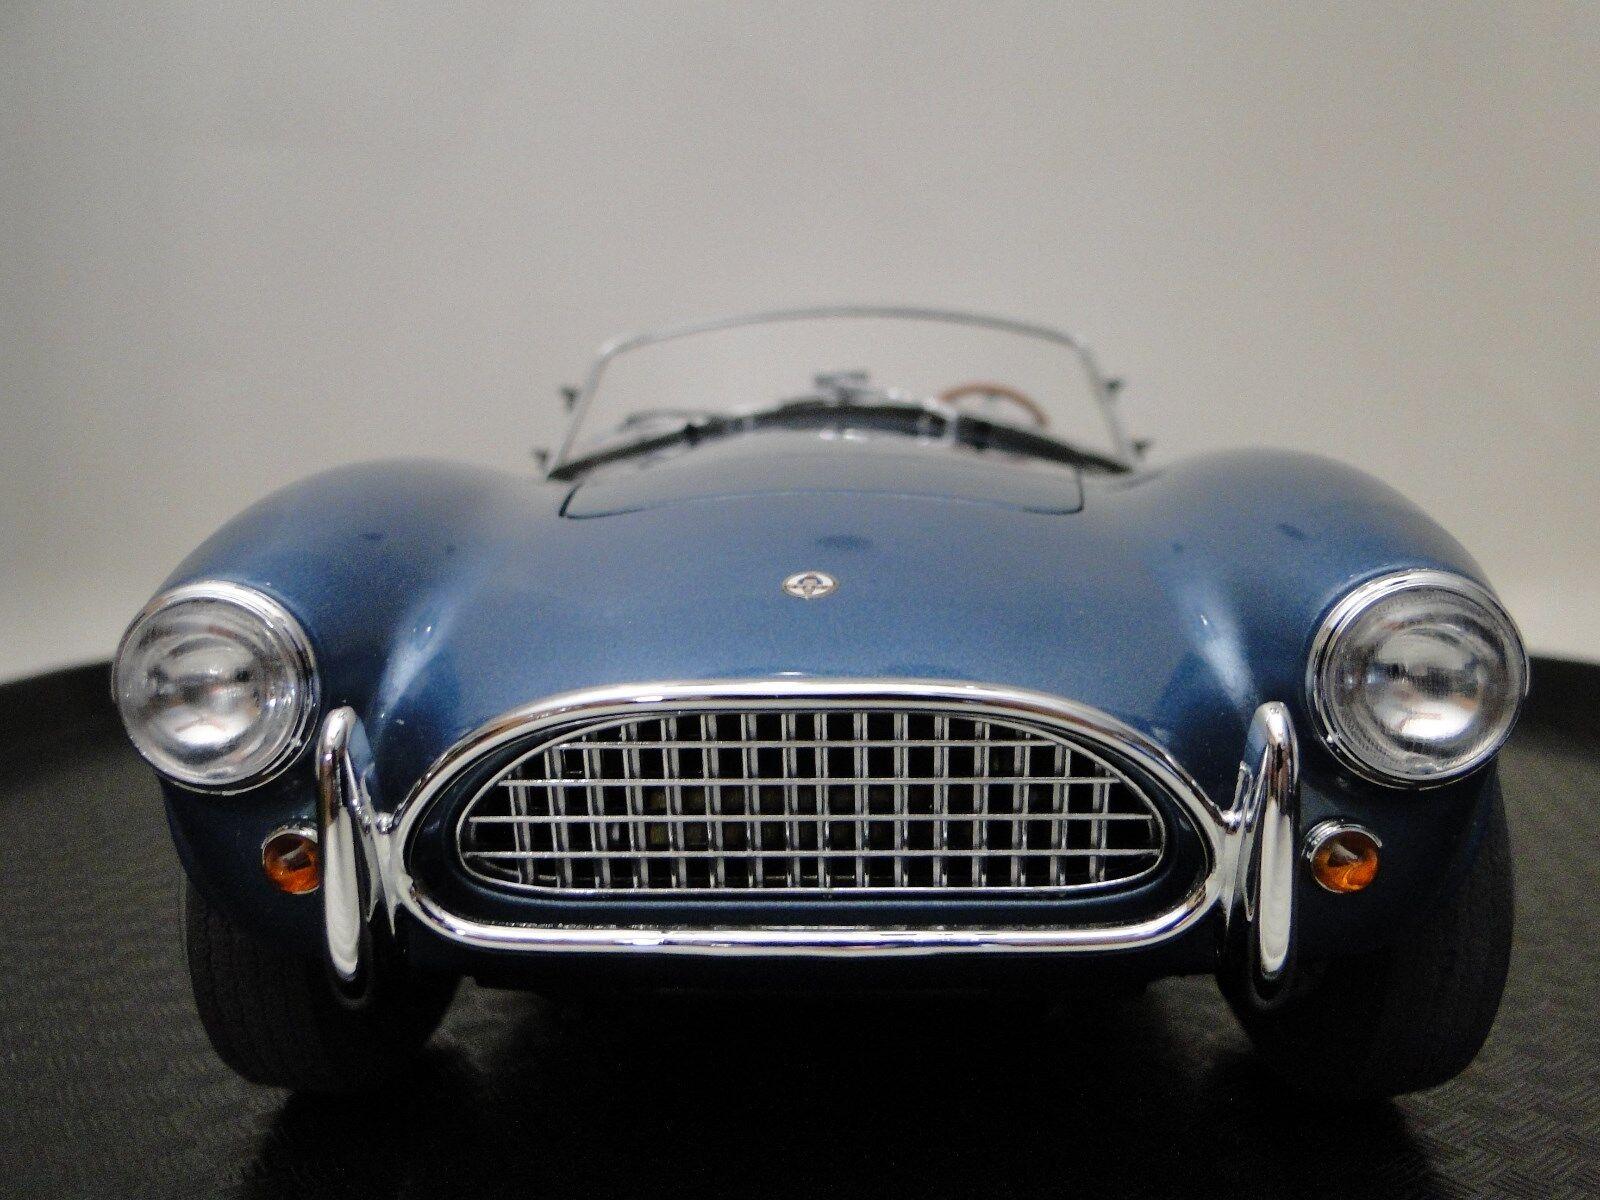 1 Auto De Carrera Ferrari Sport 1963 43 Vintage 24 exótico 18 GT Concept 12 F